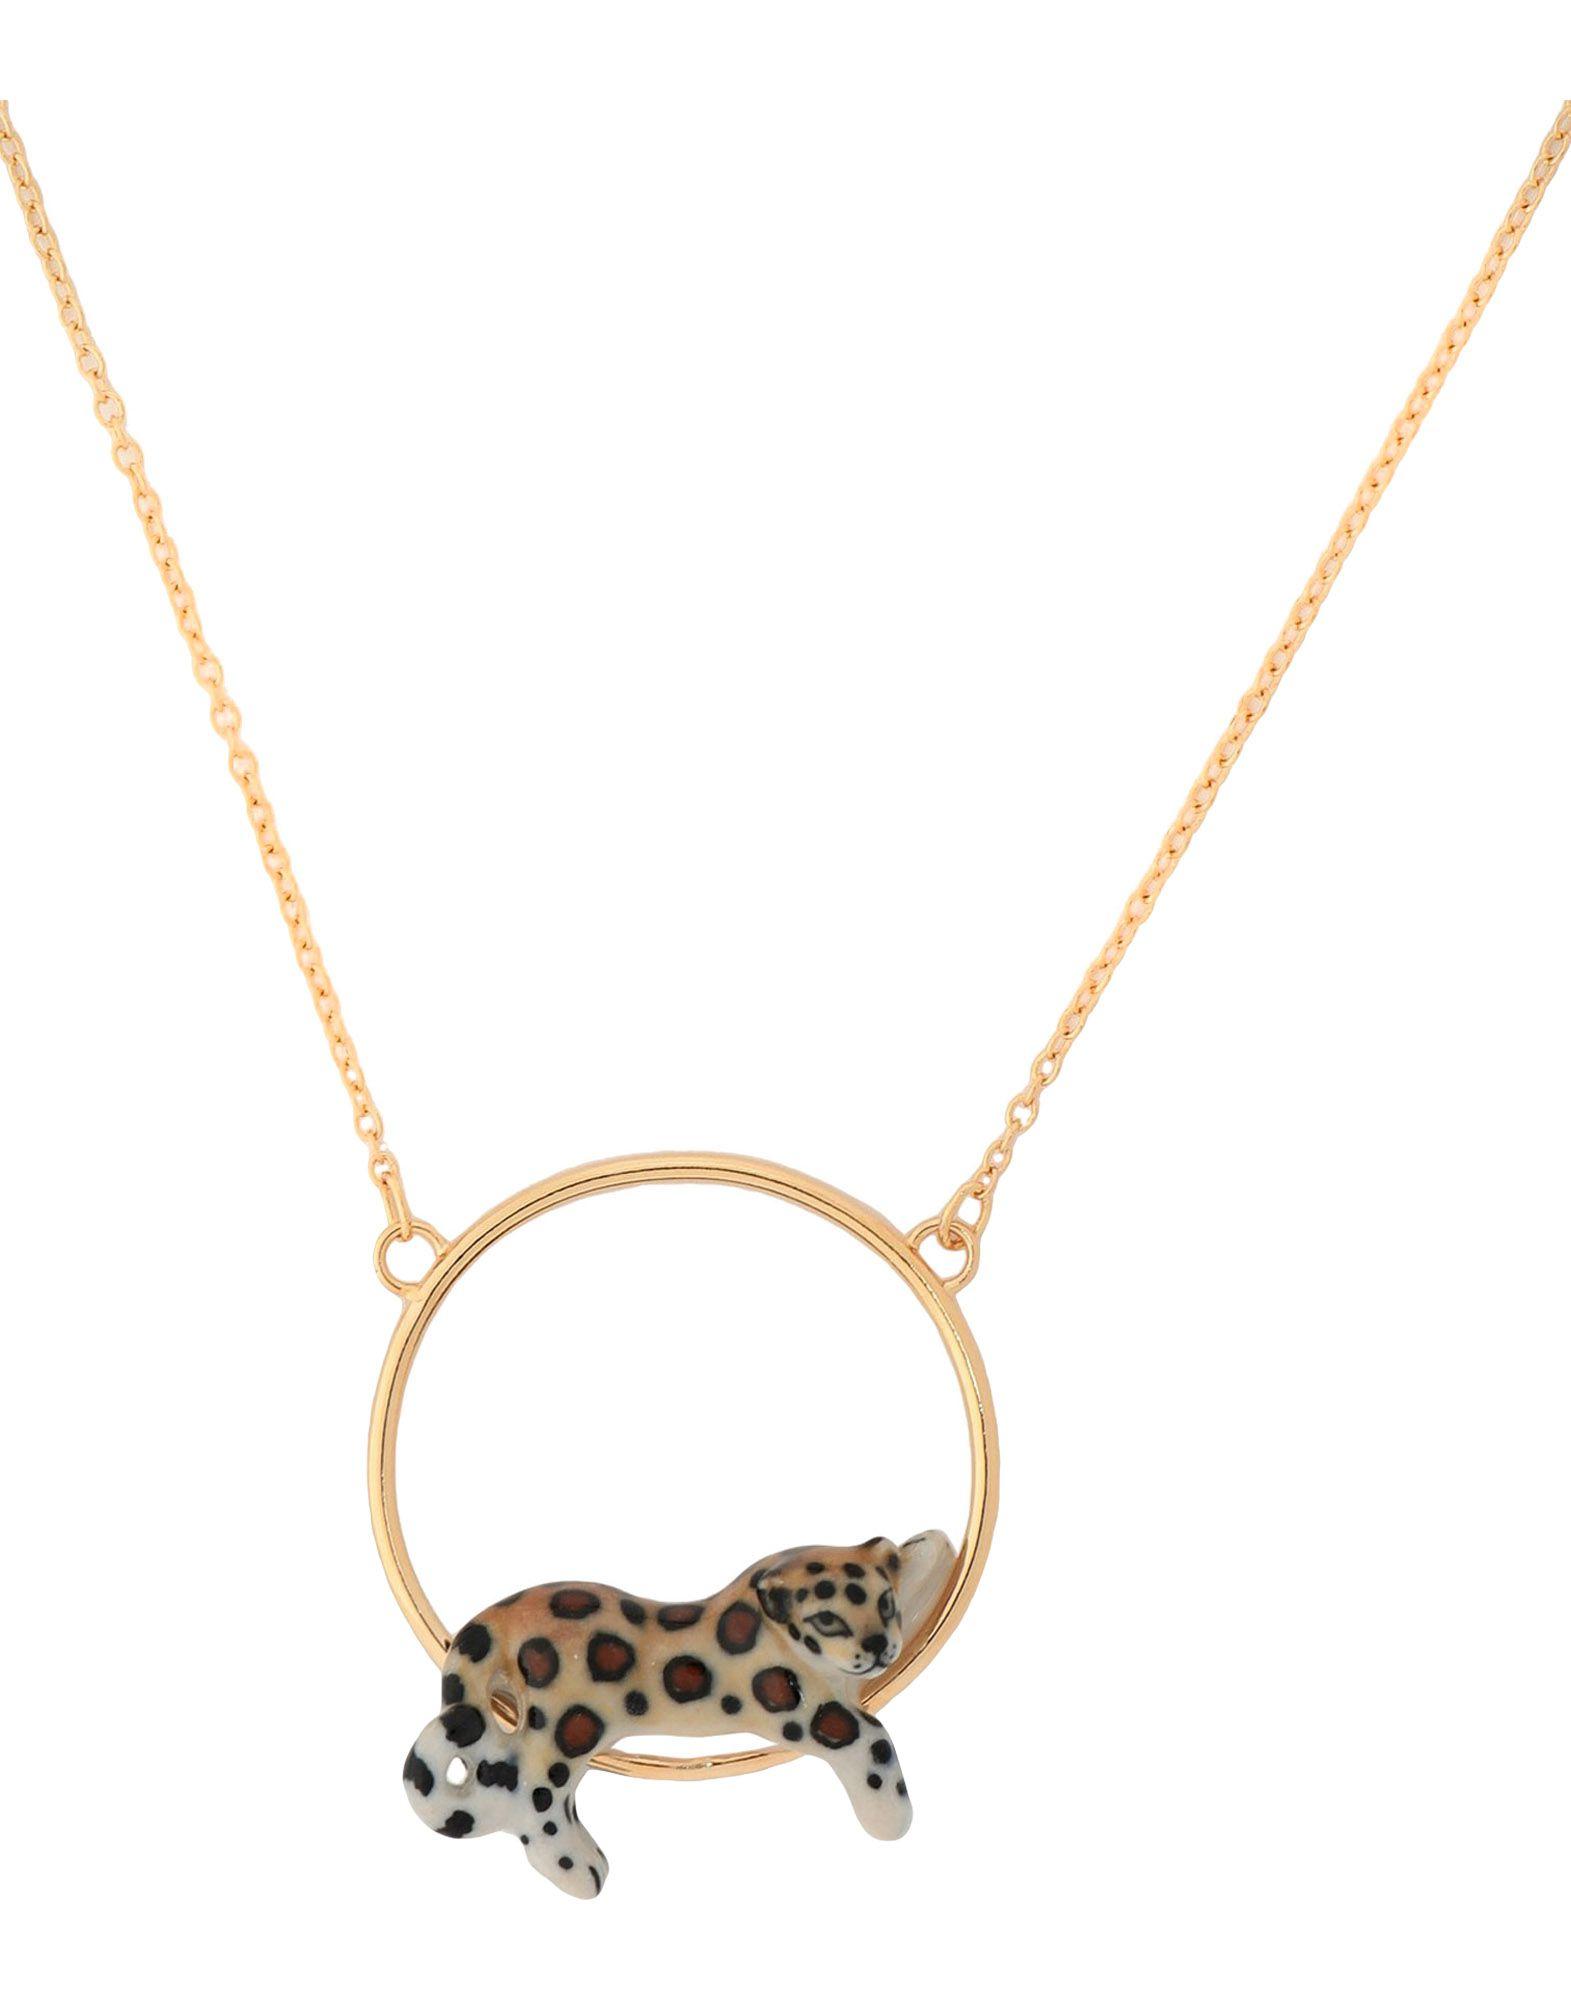 《セール開催中》NACH レディース ネックレス ゴールド セラミック 70% / 真鍮/ブラス 30% Lying Leopard mini necklace